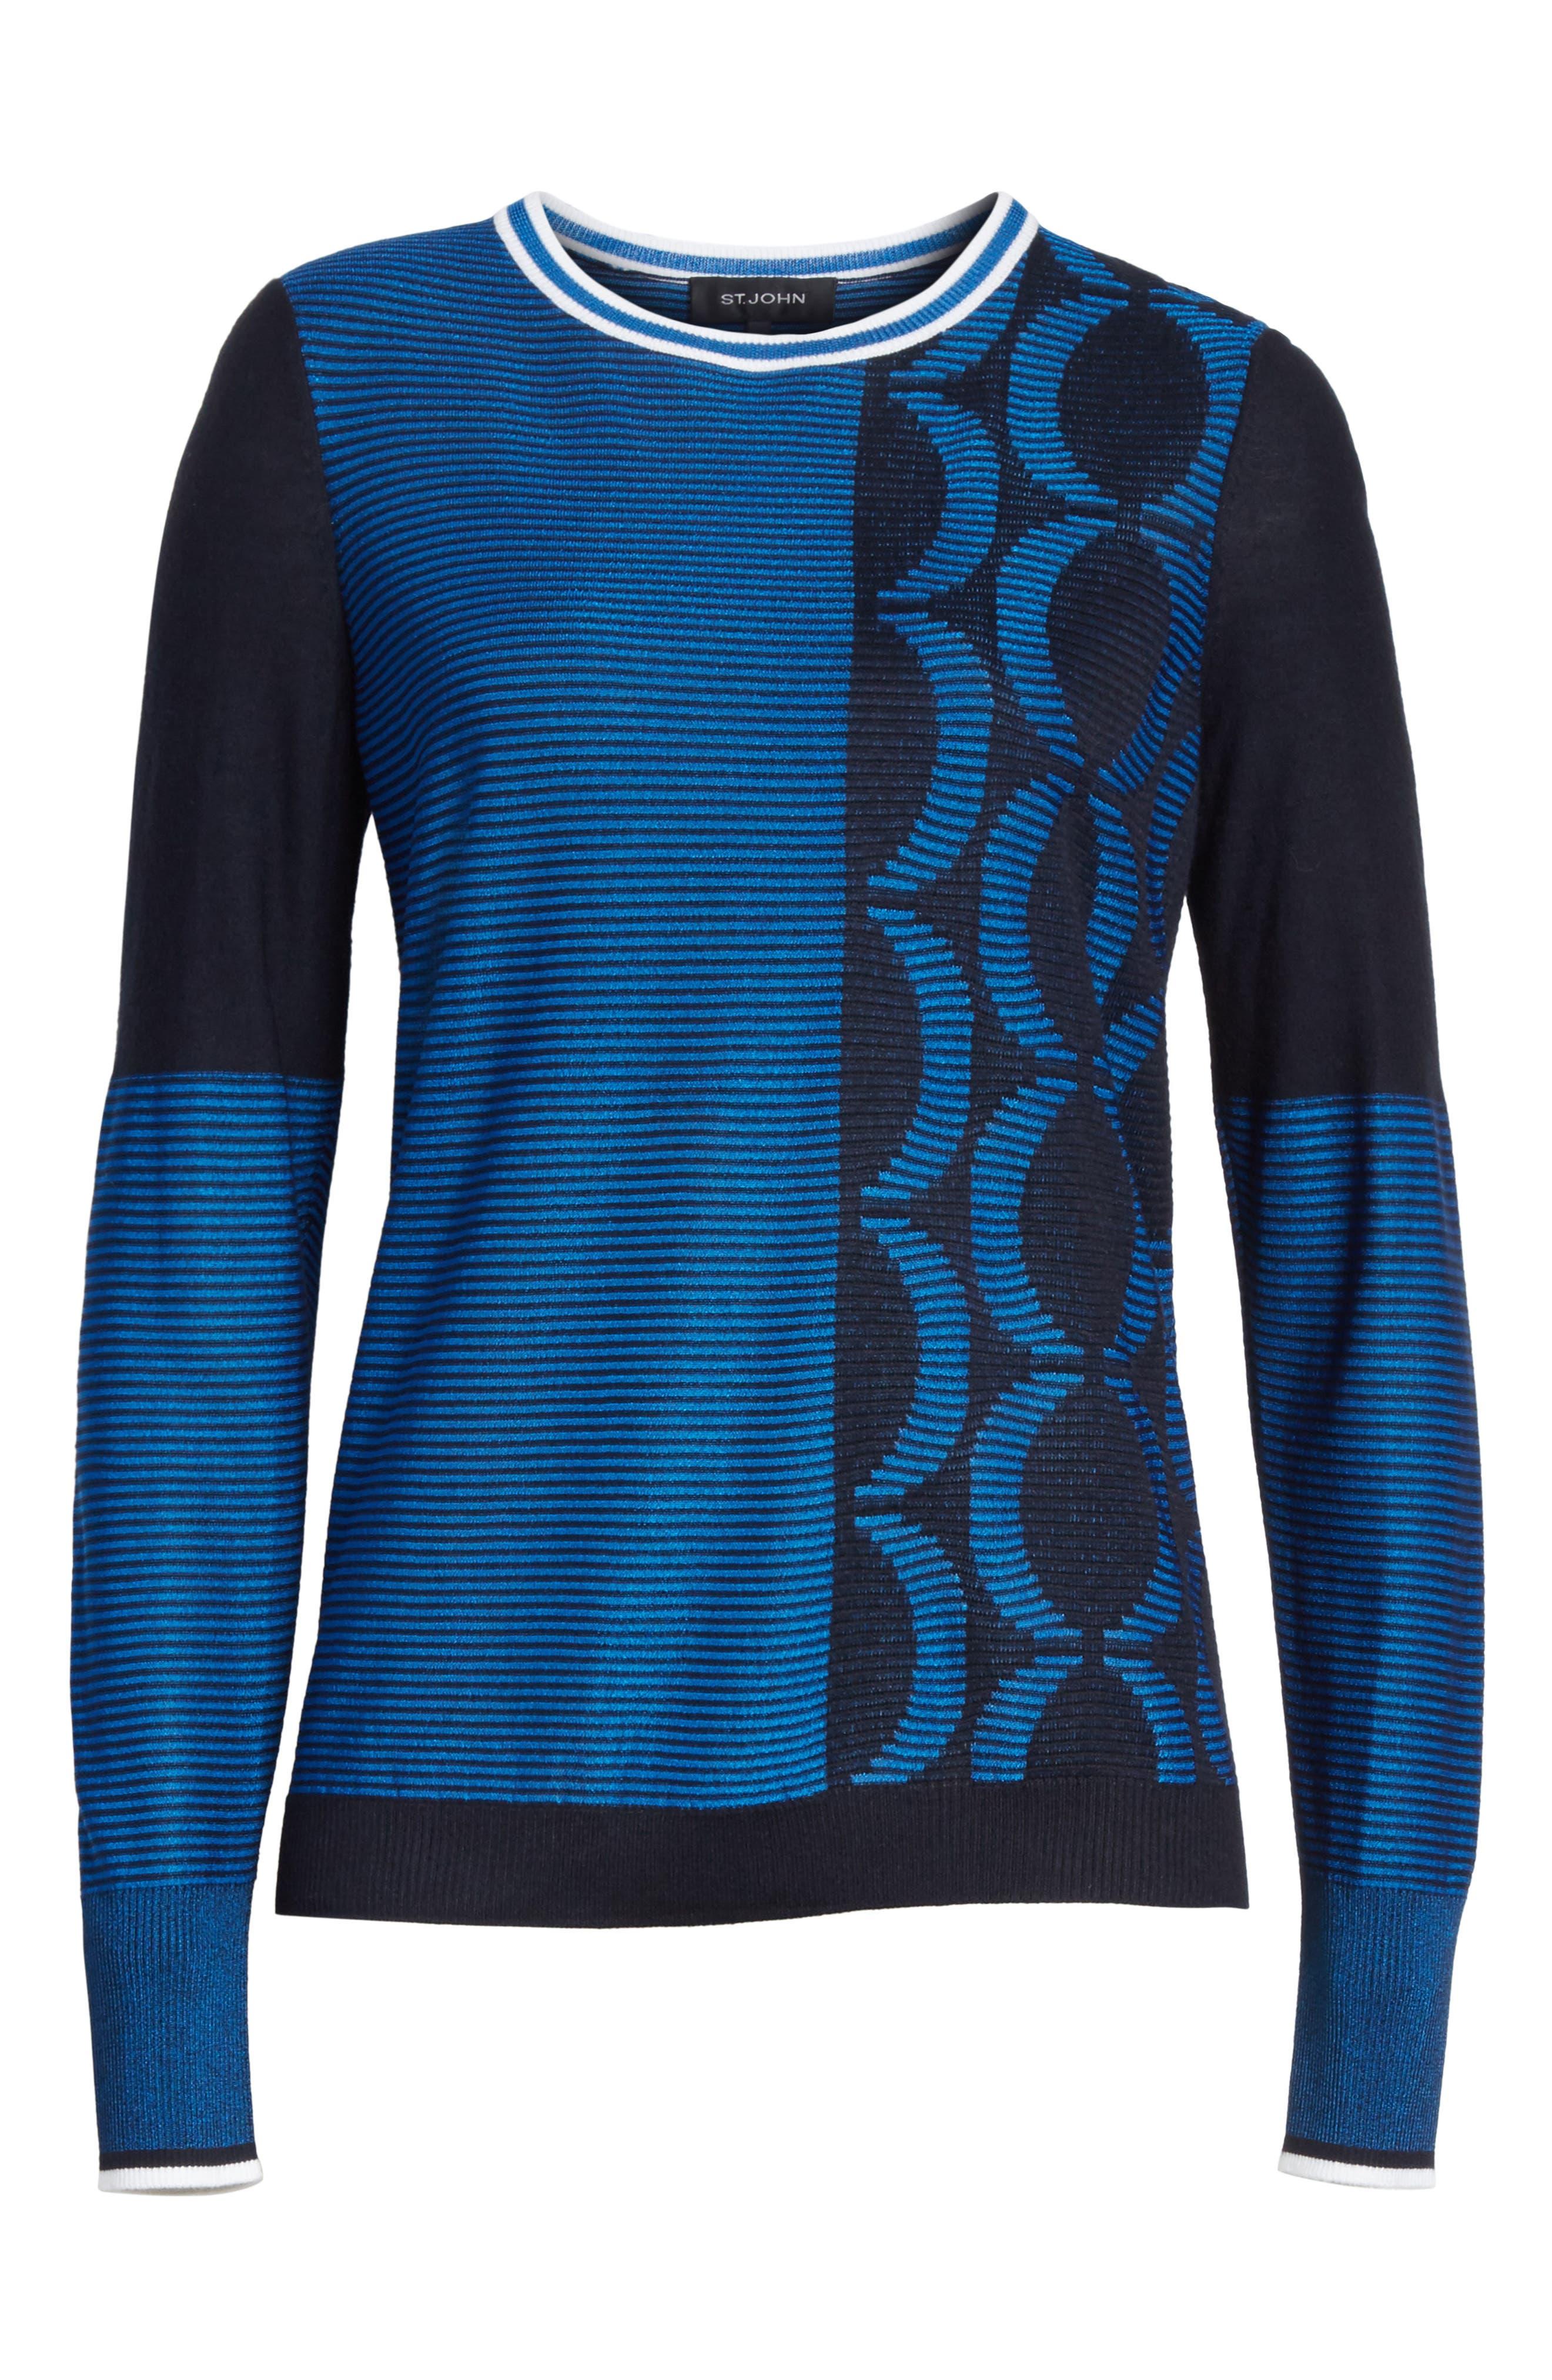 Jacquard Knit Sweater,                             Alternate thumbnail 6, color,                             410